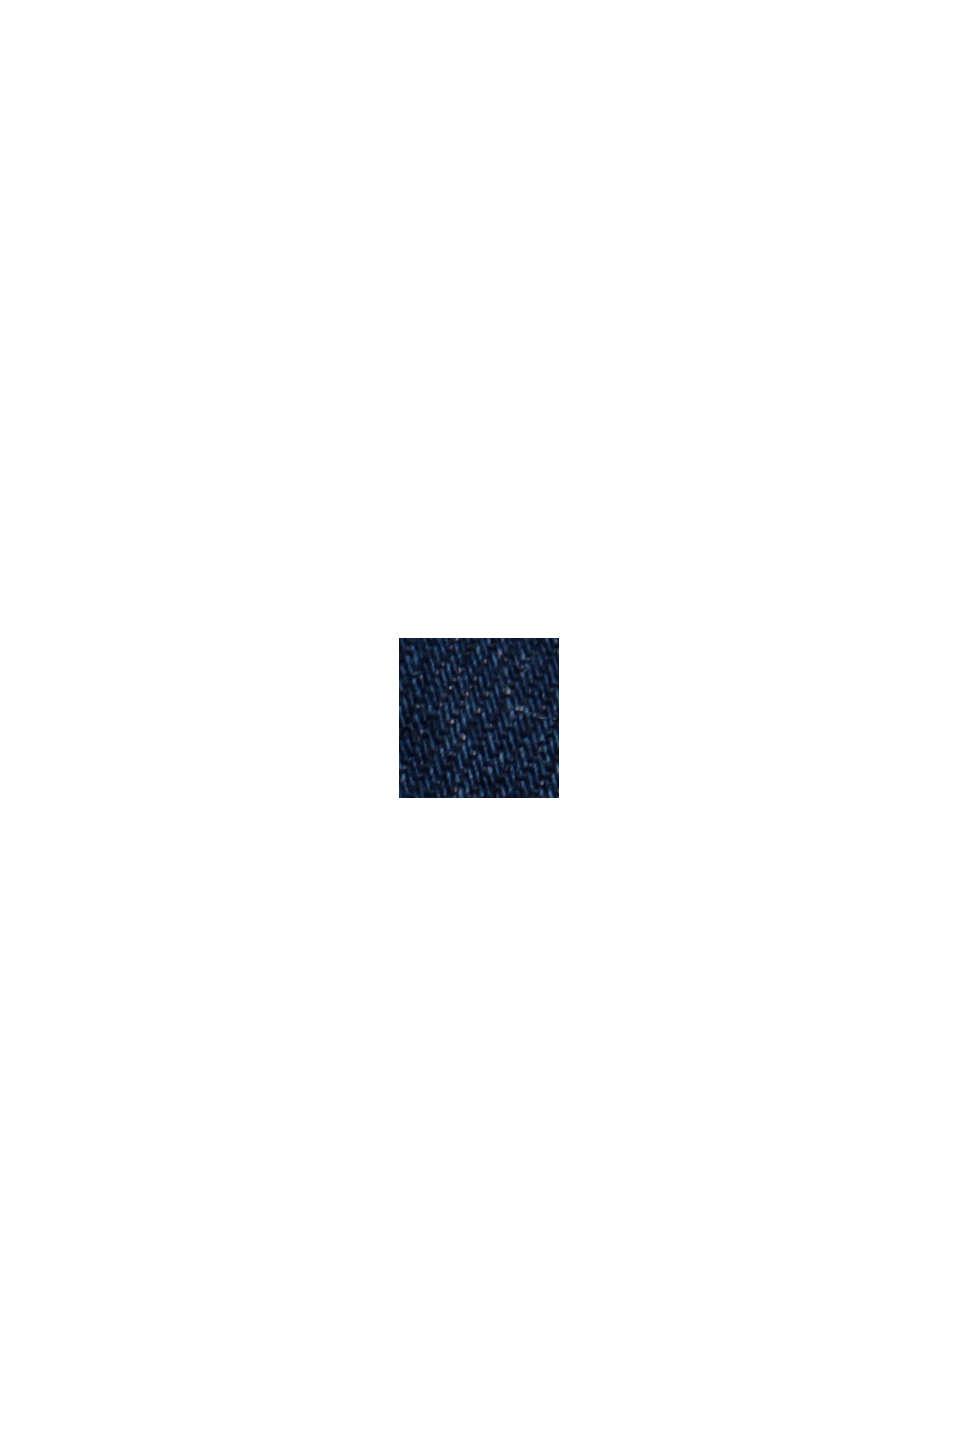 Biologisch katoen/lyocell: smalle denim short, BLUE DARK WASHED, swatch